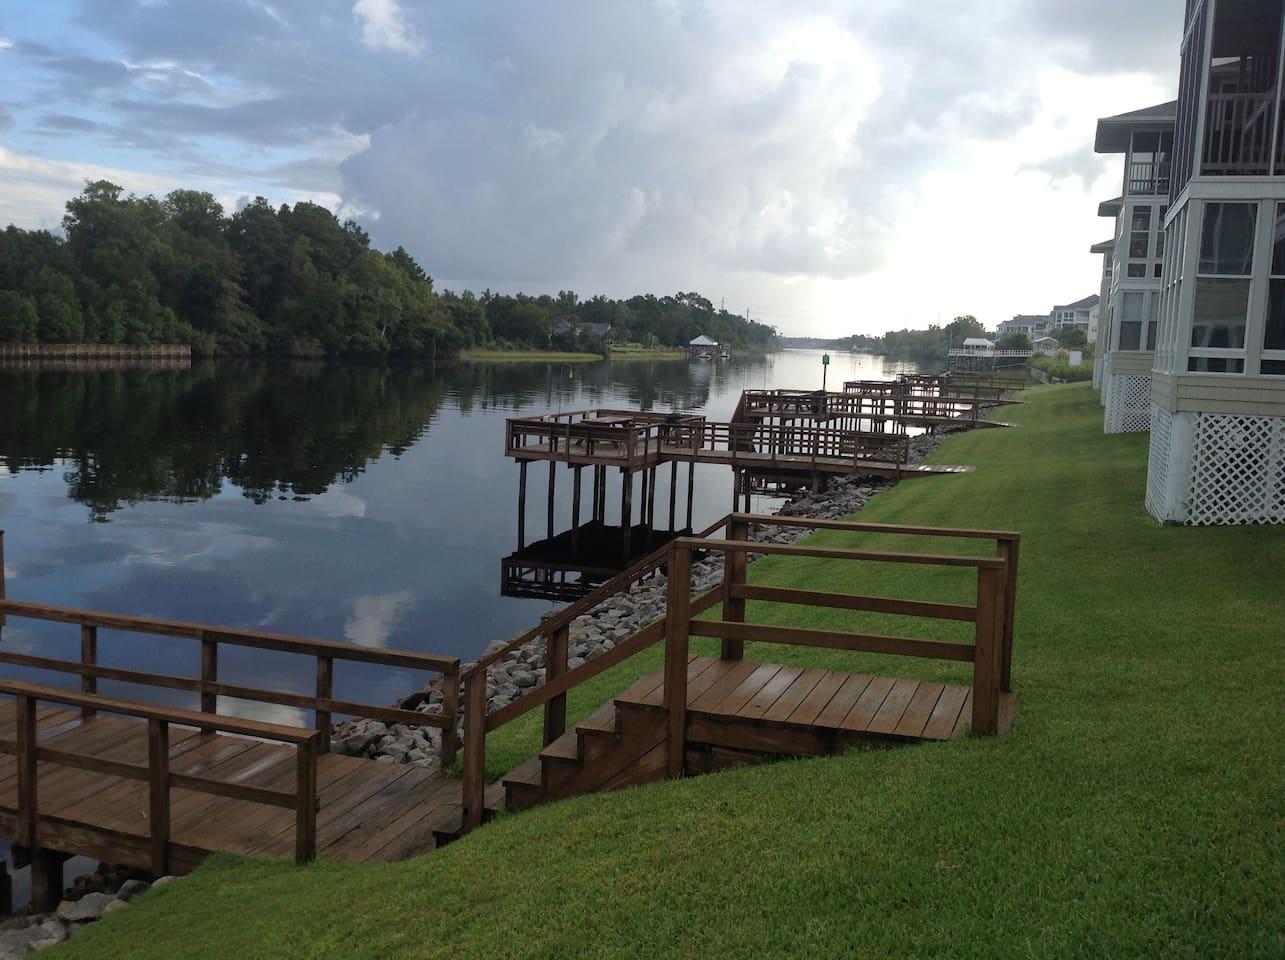 Neighborhood docks on Intracoastal Waterway; short walk from condo